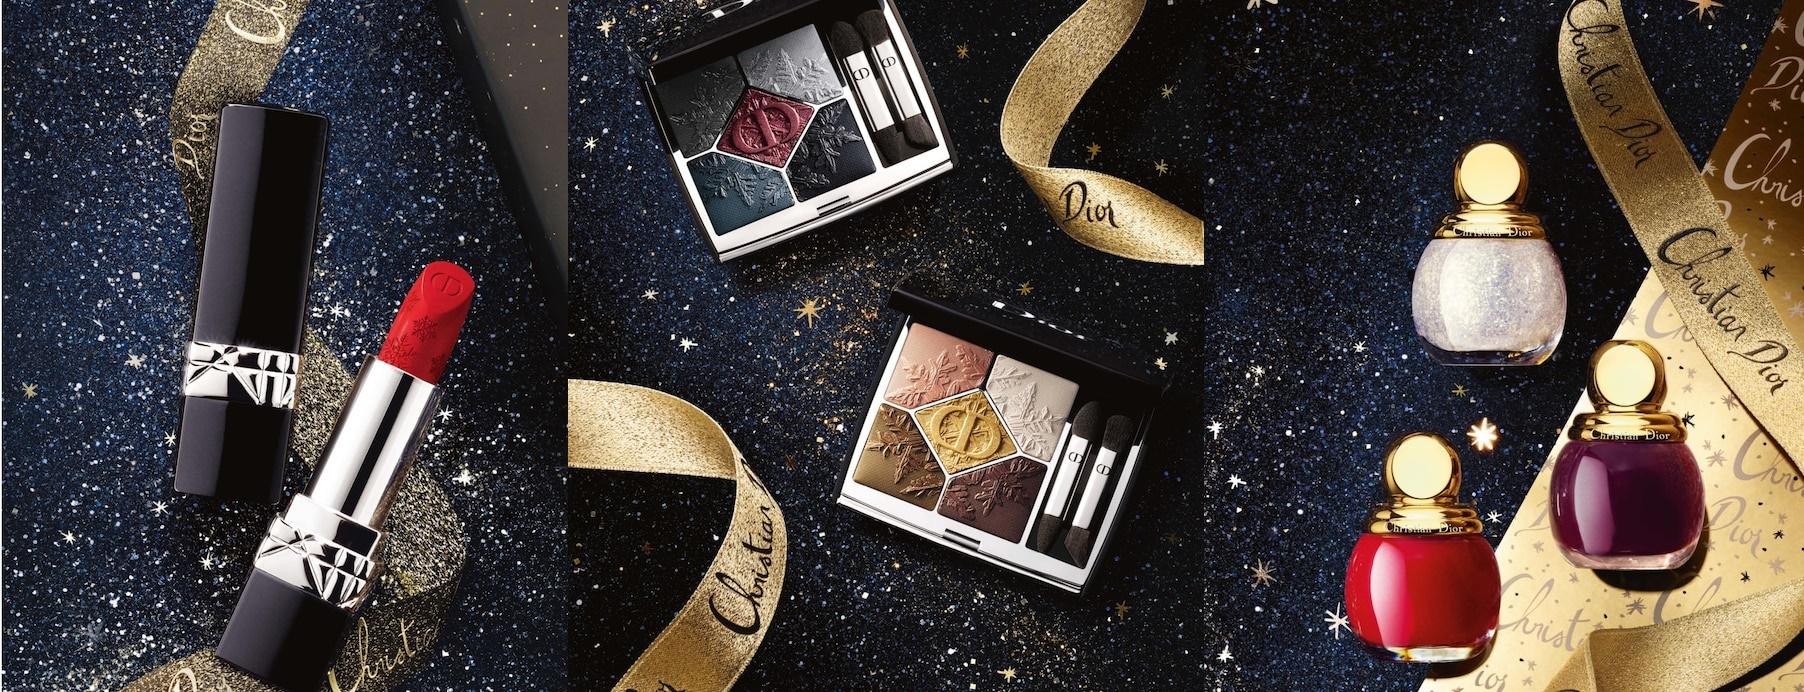 Make up Natale 2020 Dior